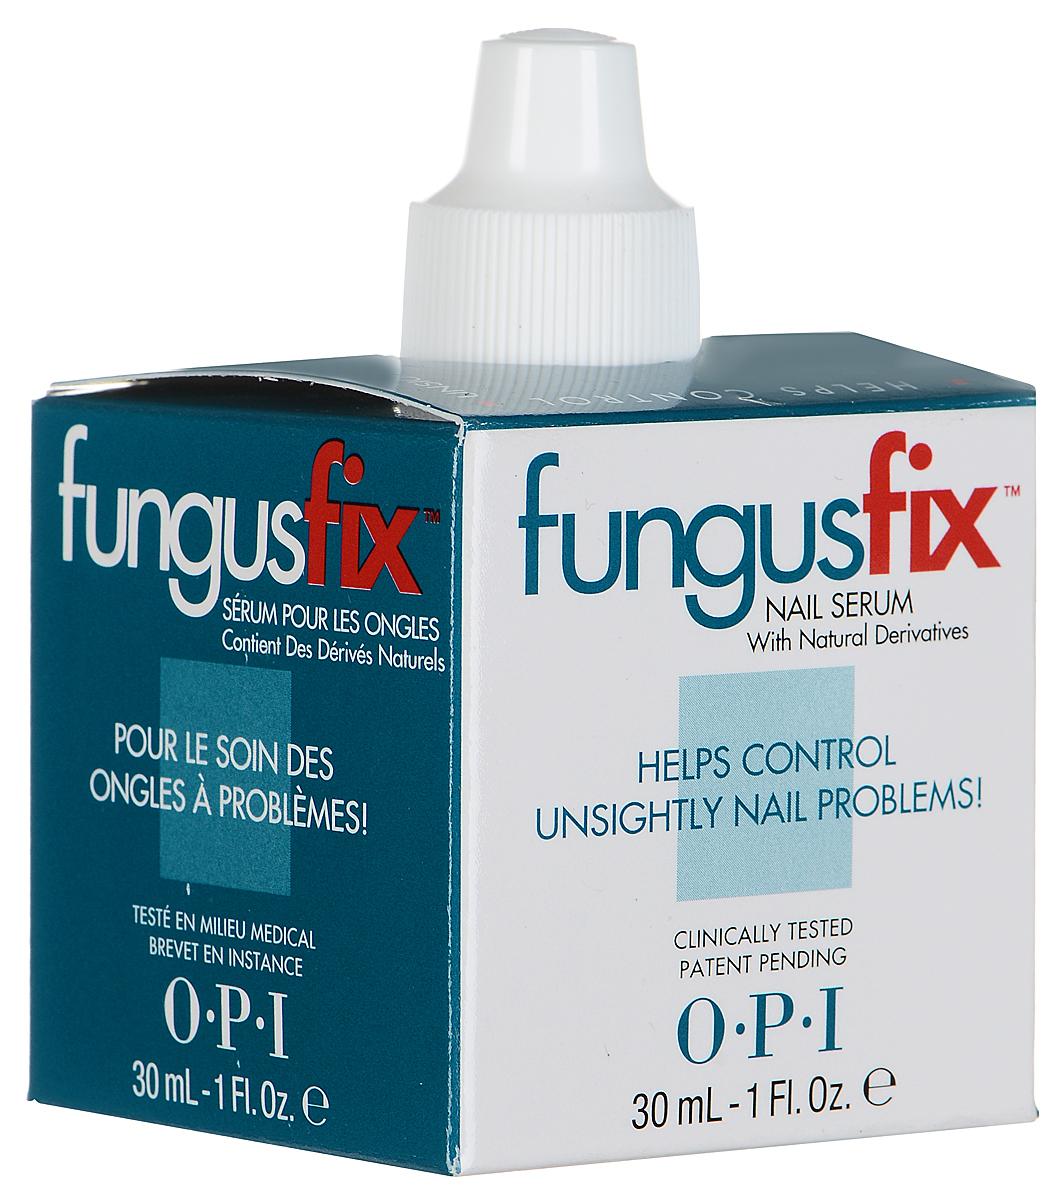 OPI Сыворотка для ногтей FungusFix, восстанавливающая, с натуральными компонентами, 30 мл